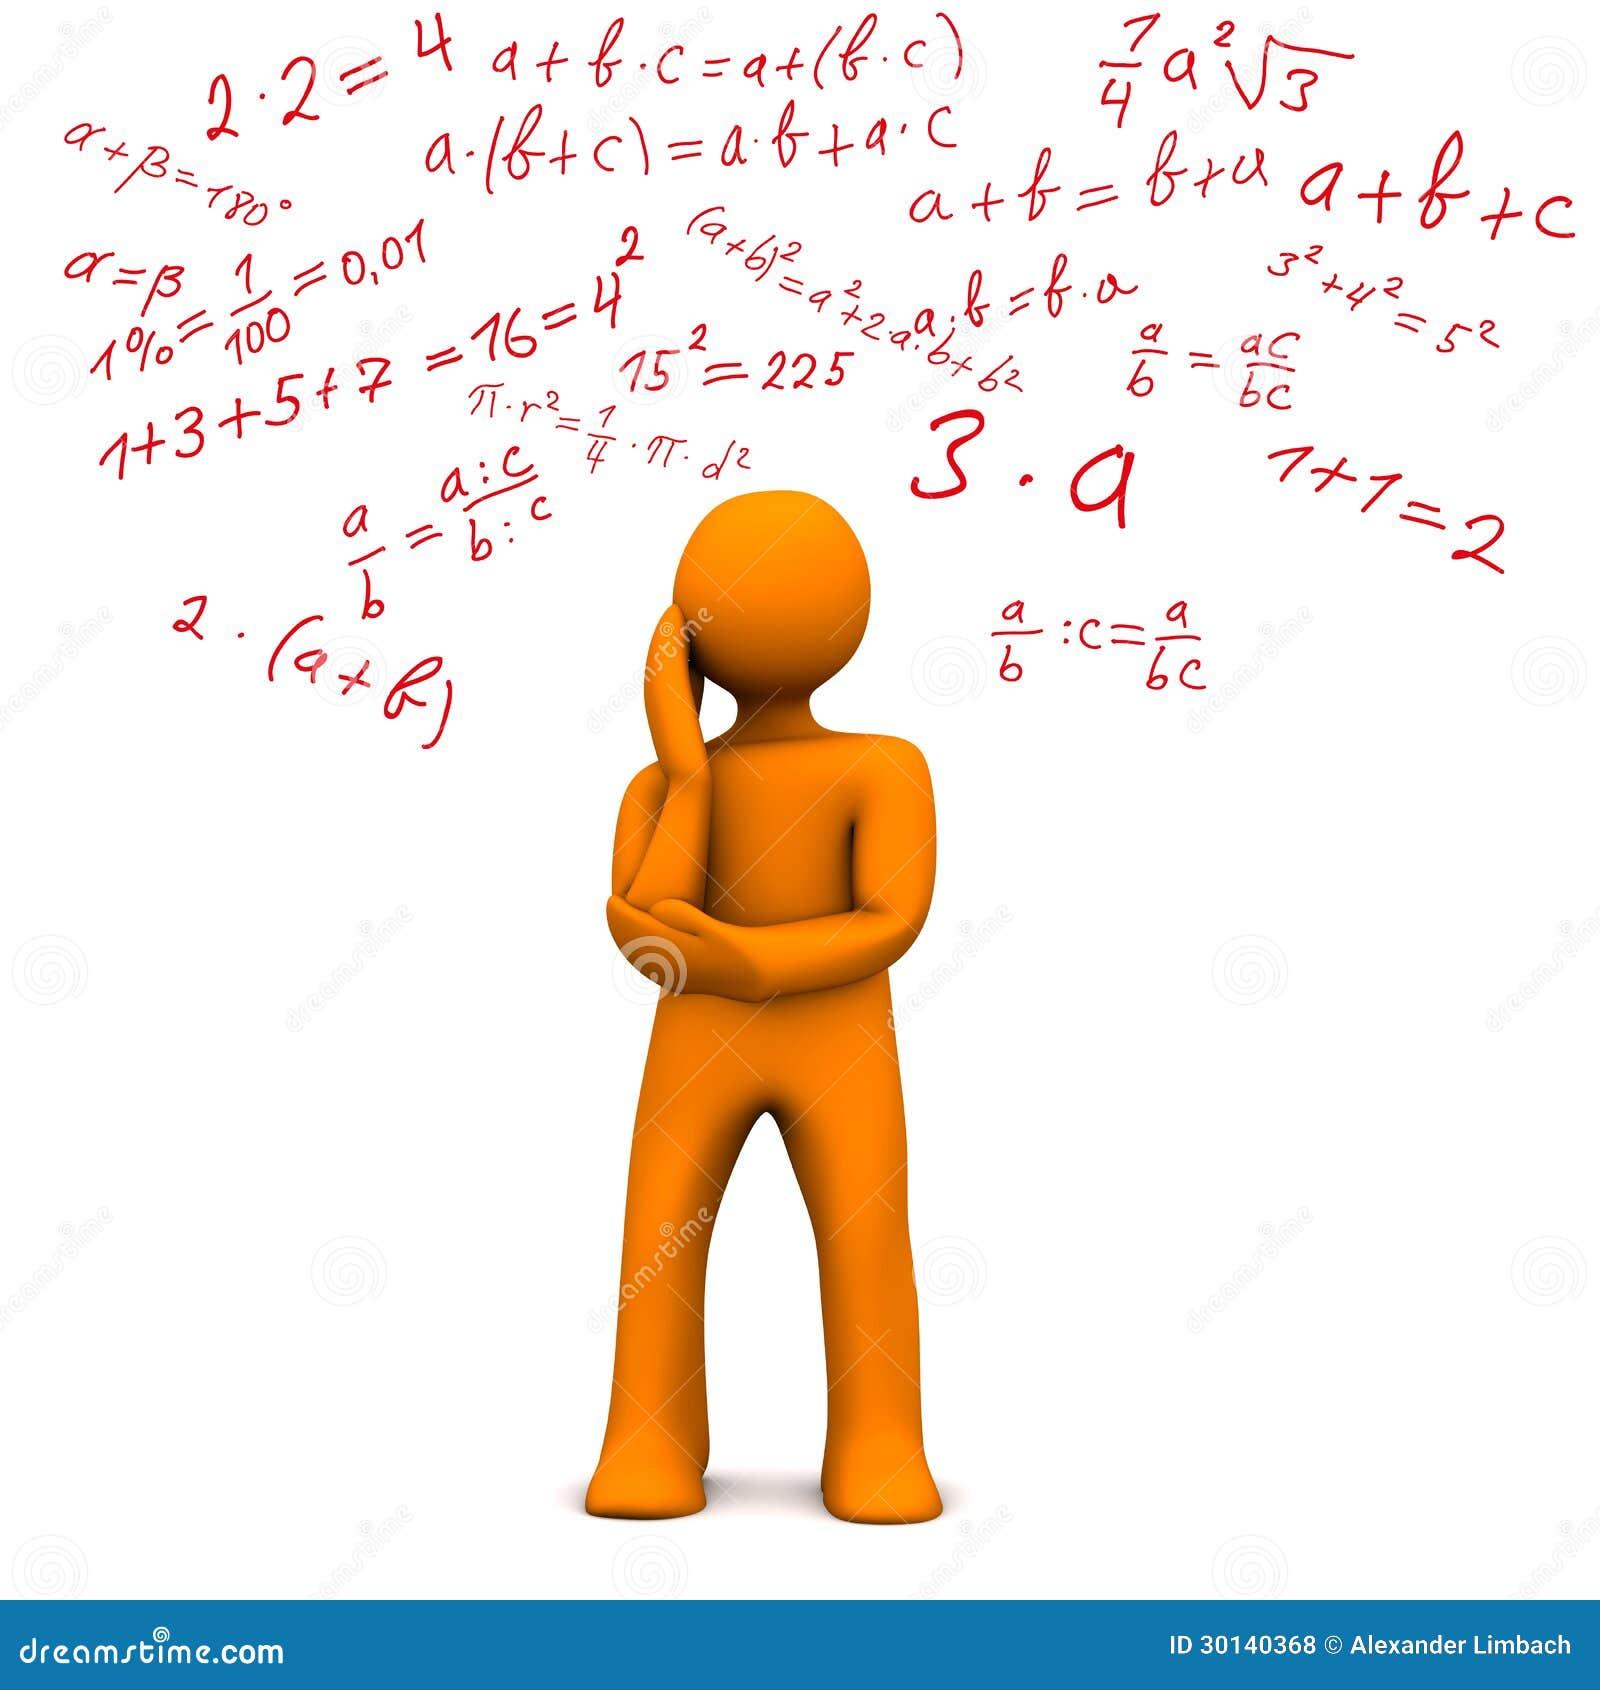 Fotos De Archivo Libres De Regal%C3%ADas Personaje De Dibujos Animados Anaranjado Con Matem%C3%A1ticas Formalmente Fondo Blanco Image30140368 on Math Pages